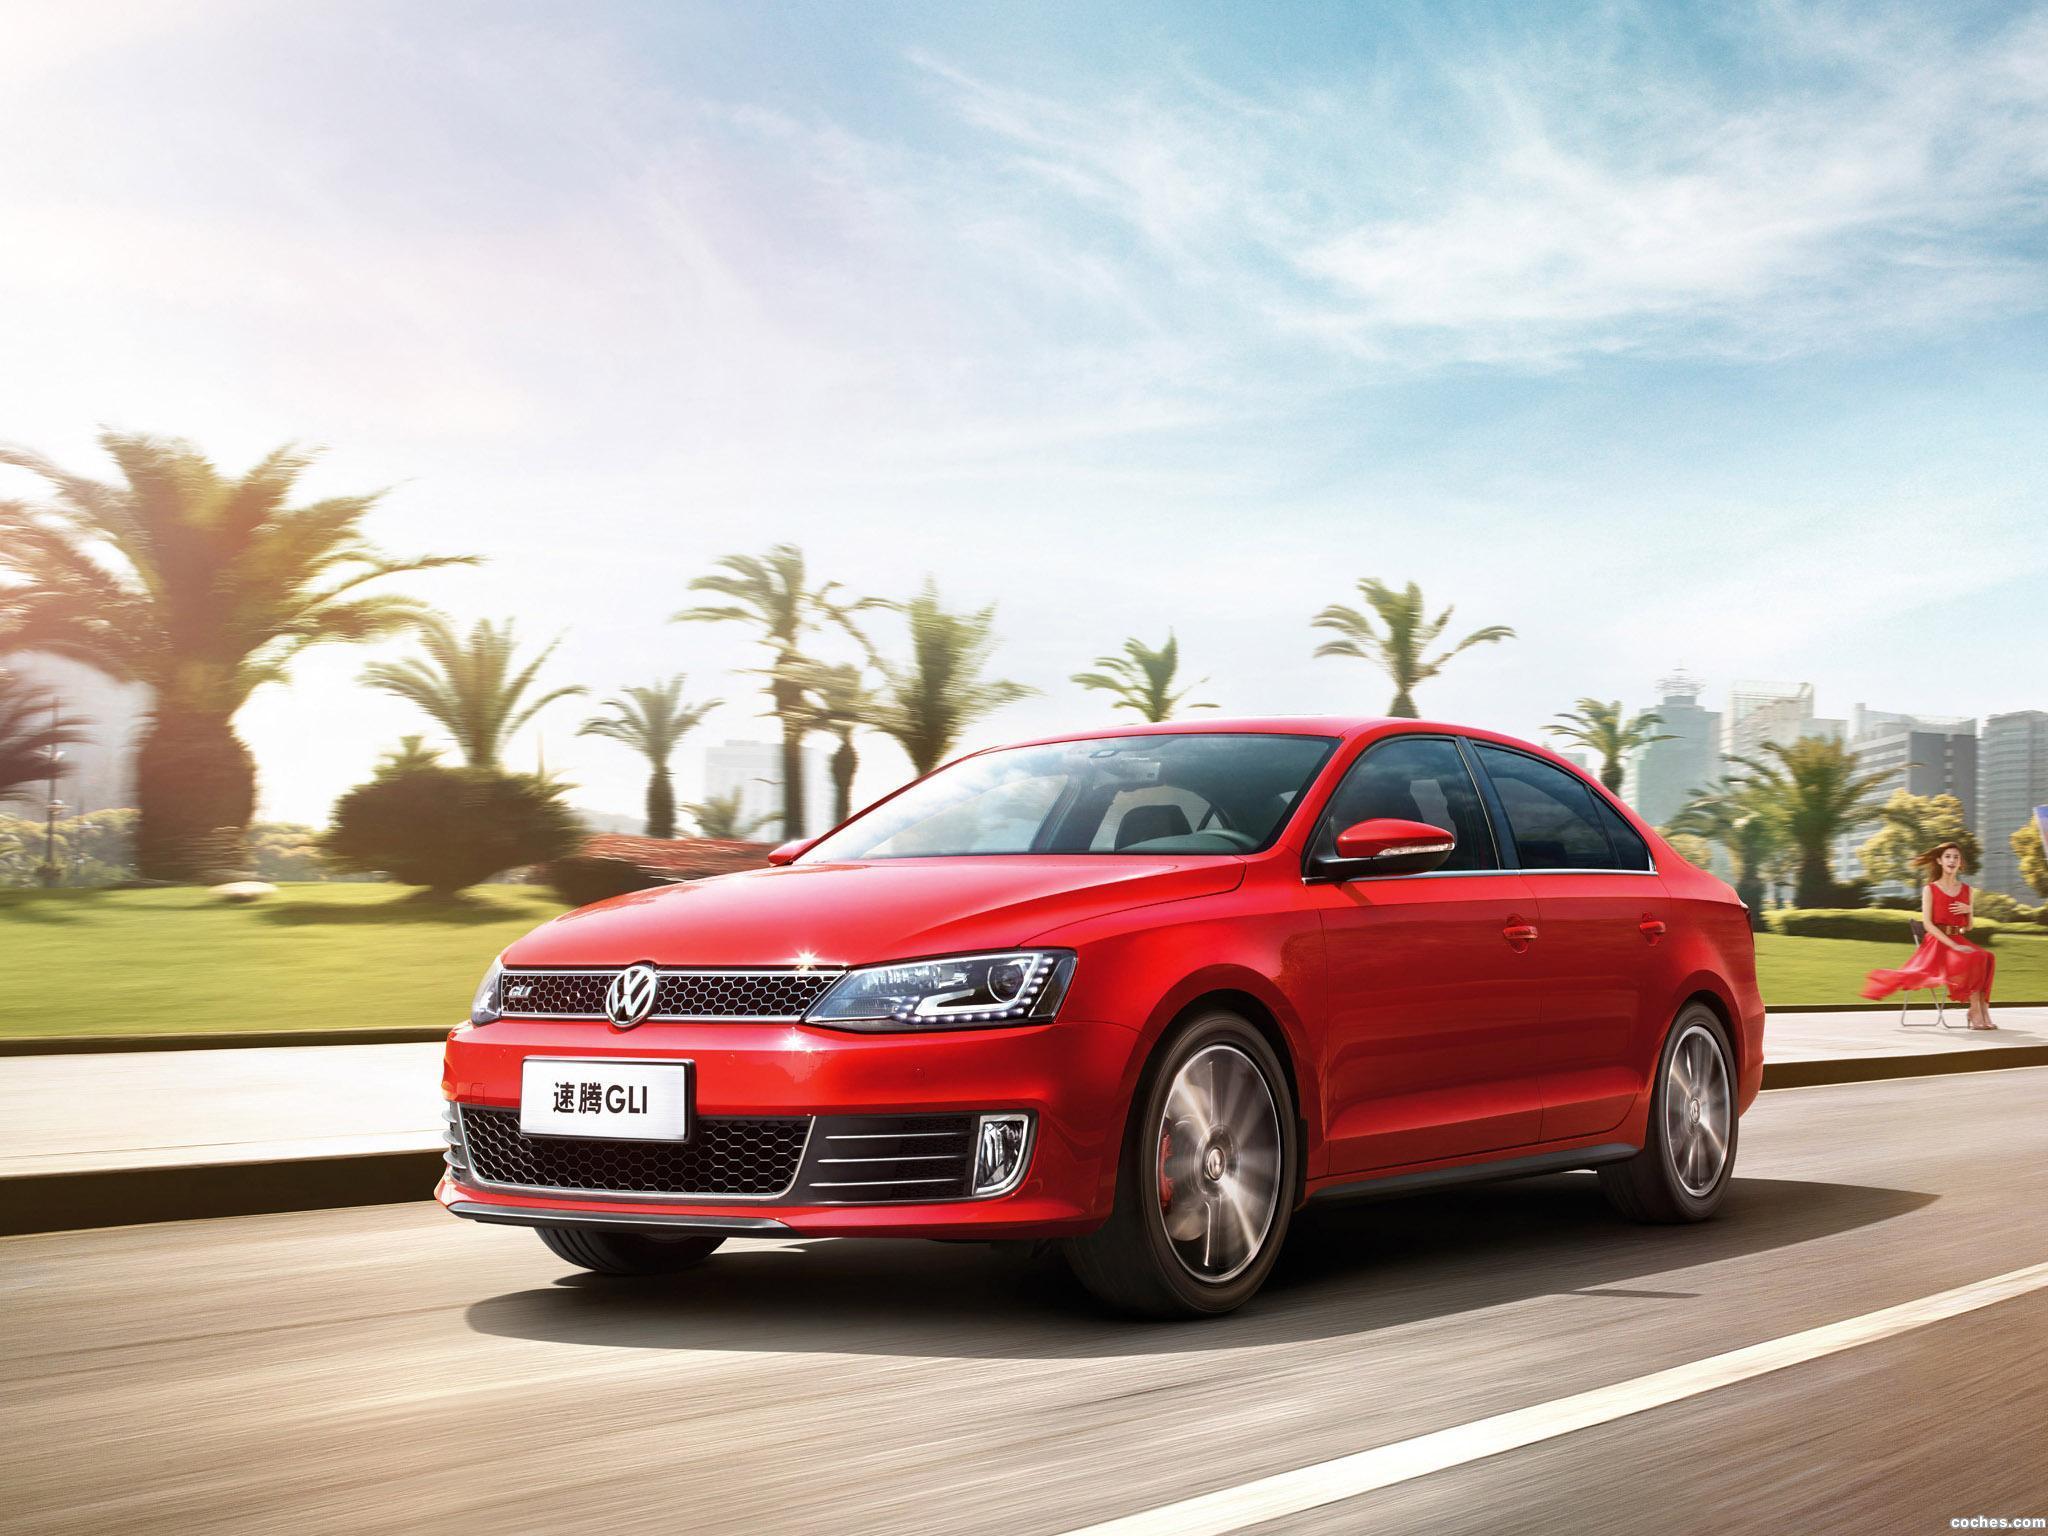 Foto 0 de Volkswagen Sagitar GLI 2013